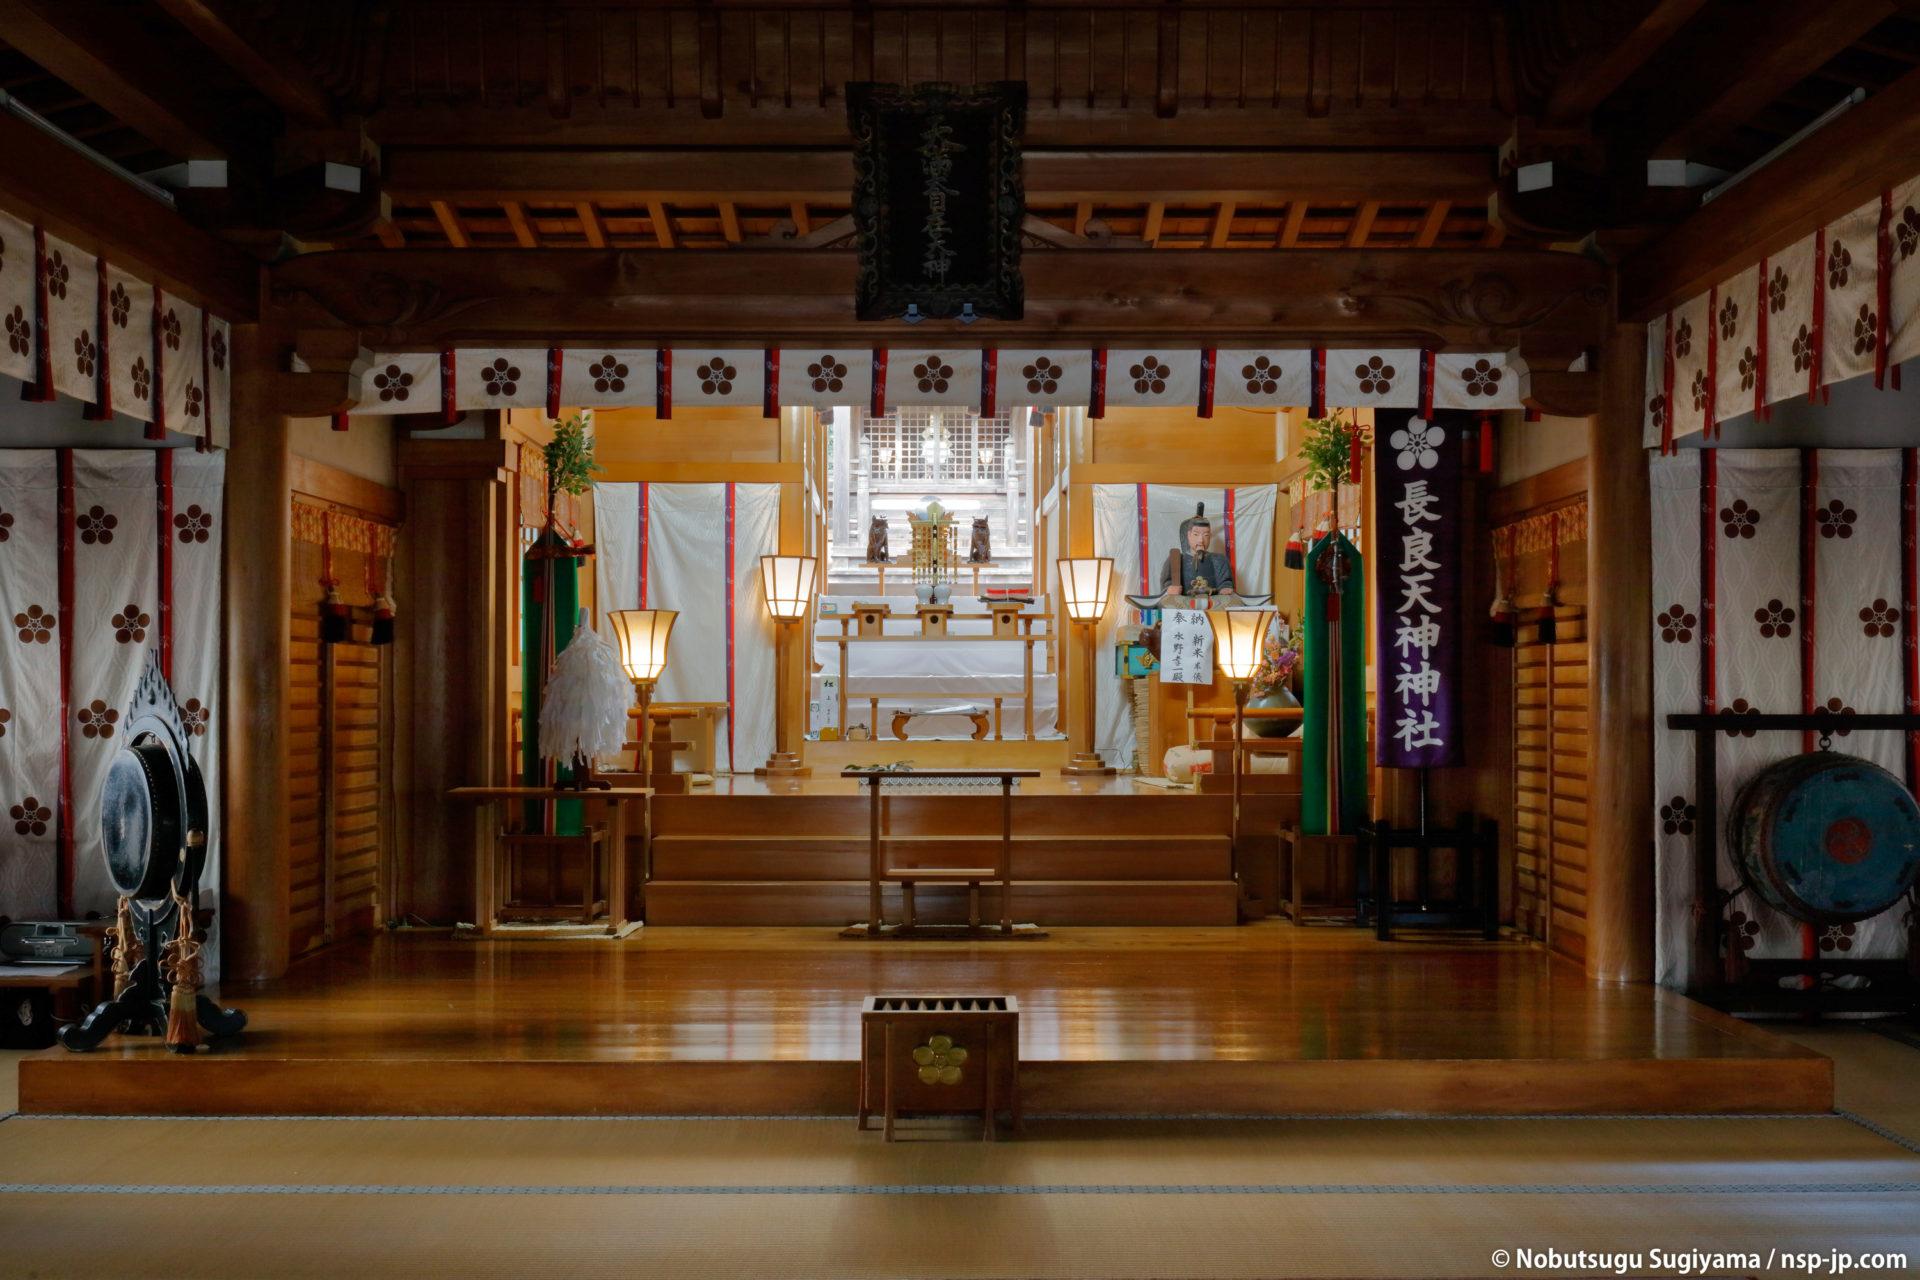 長良天神神社-祭文殿から本殿を望む | 岐阜 故郷巡礼 by 杉山宣嗣